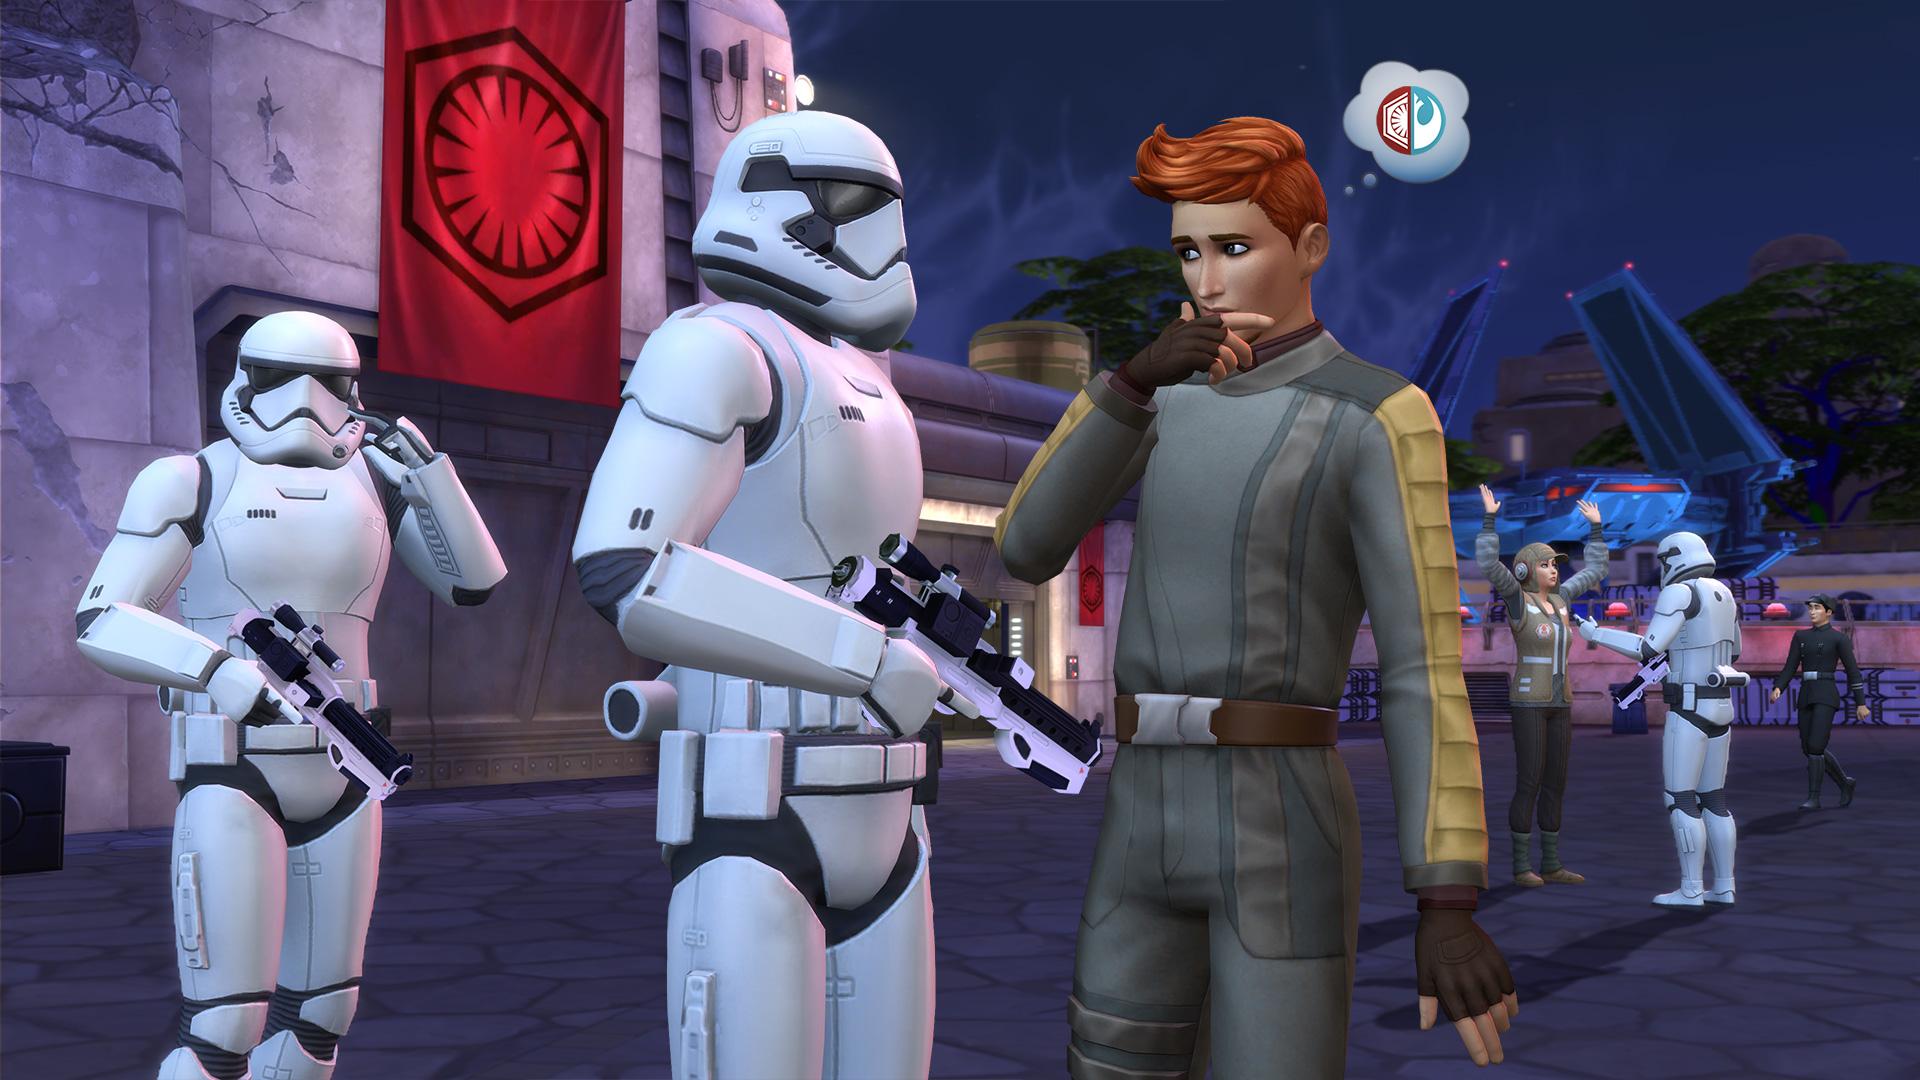 Lesbisch Sims 4 Böse Launen Launen, Laufbahnen